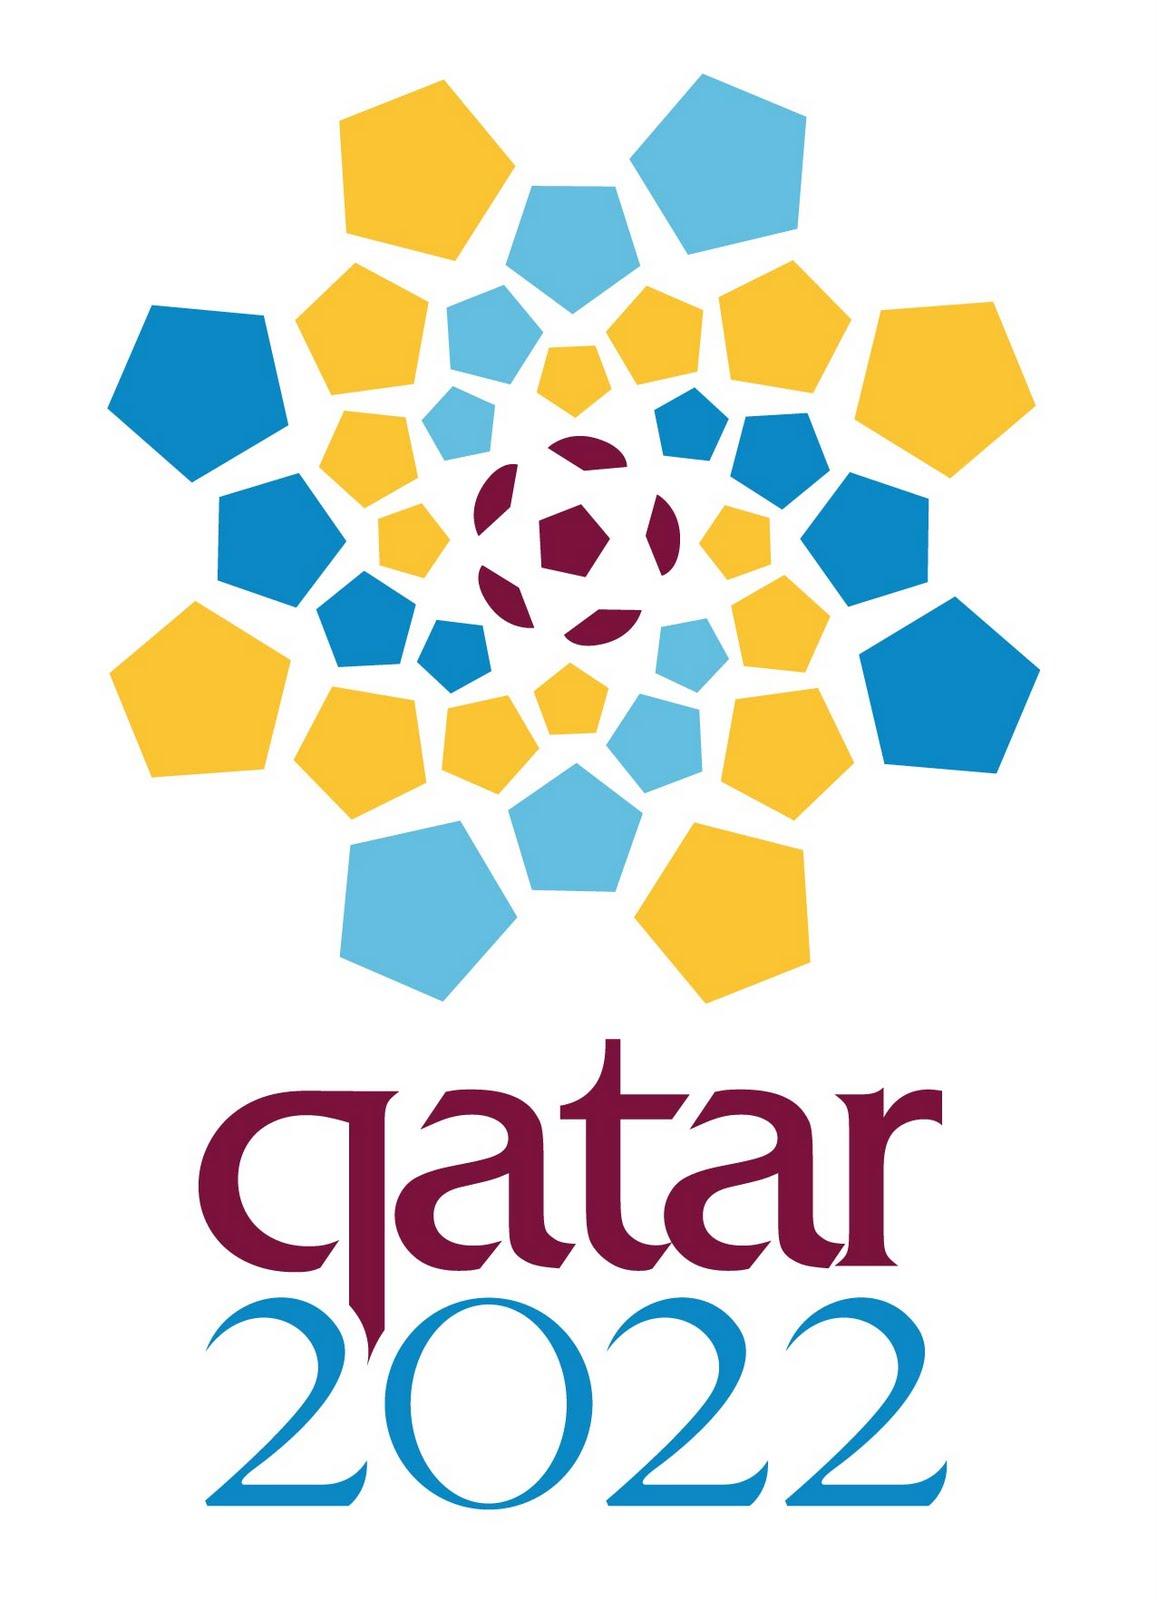 qatar_2022_logo